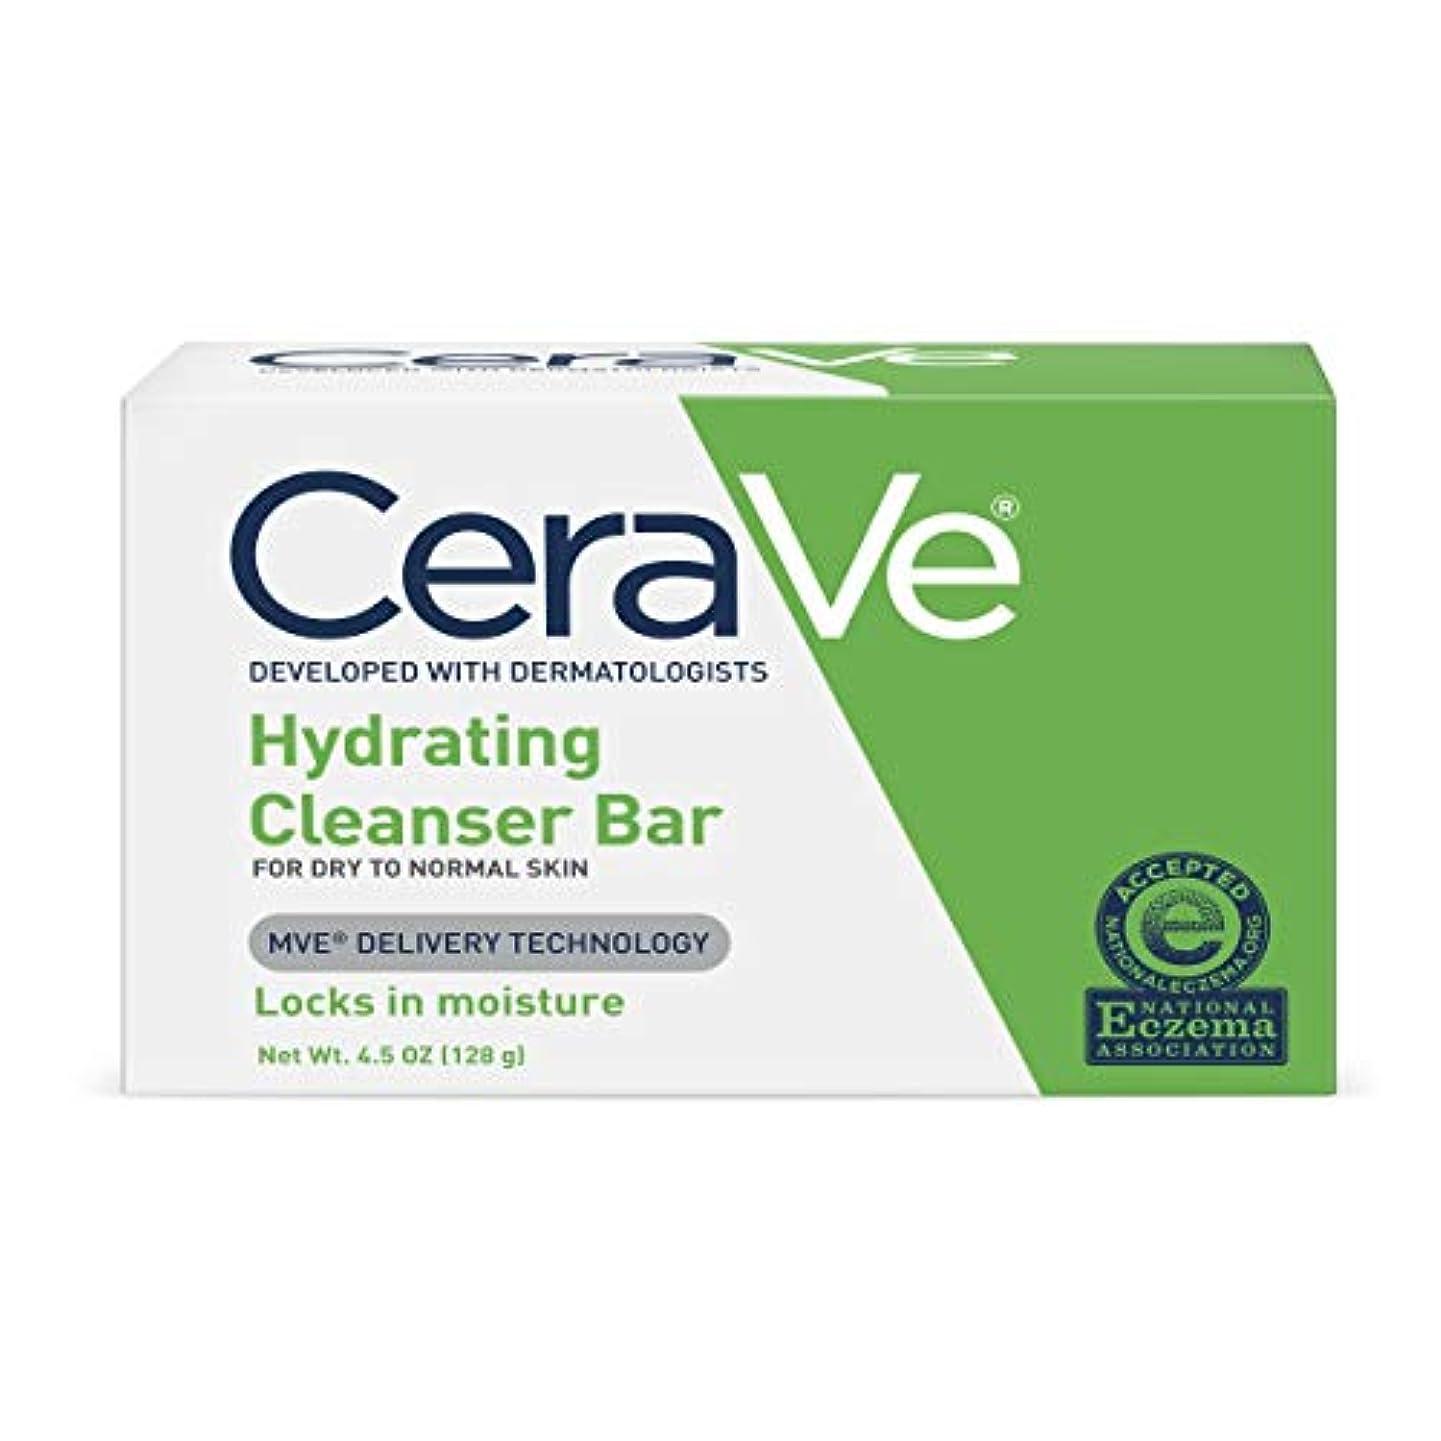 アストロラーベある調子CeraVe 正常皮膚とハイドレイティングクレンザーバードライ - 4.5オズ、5パック